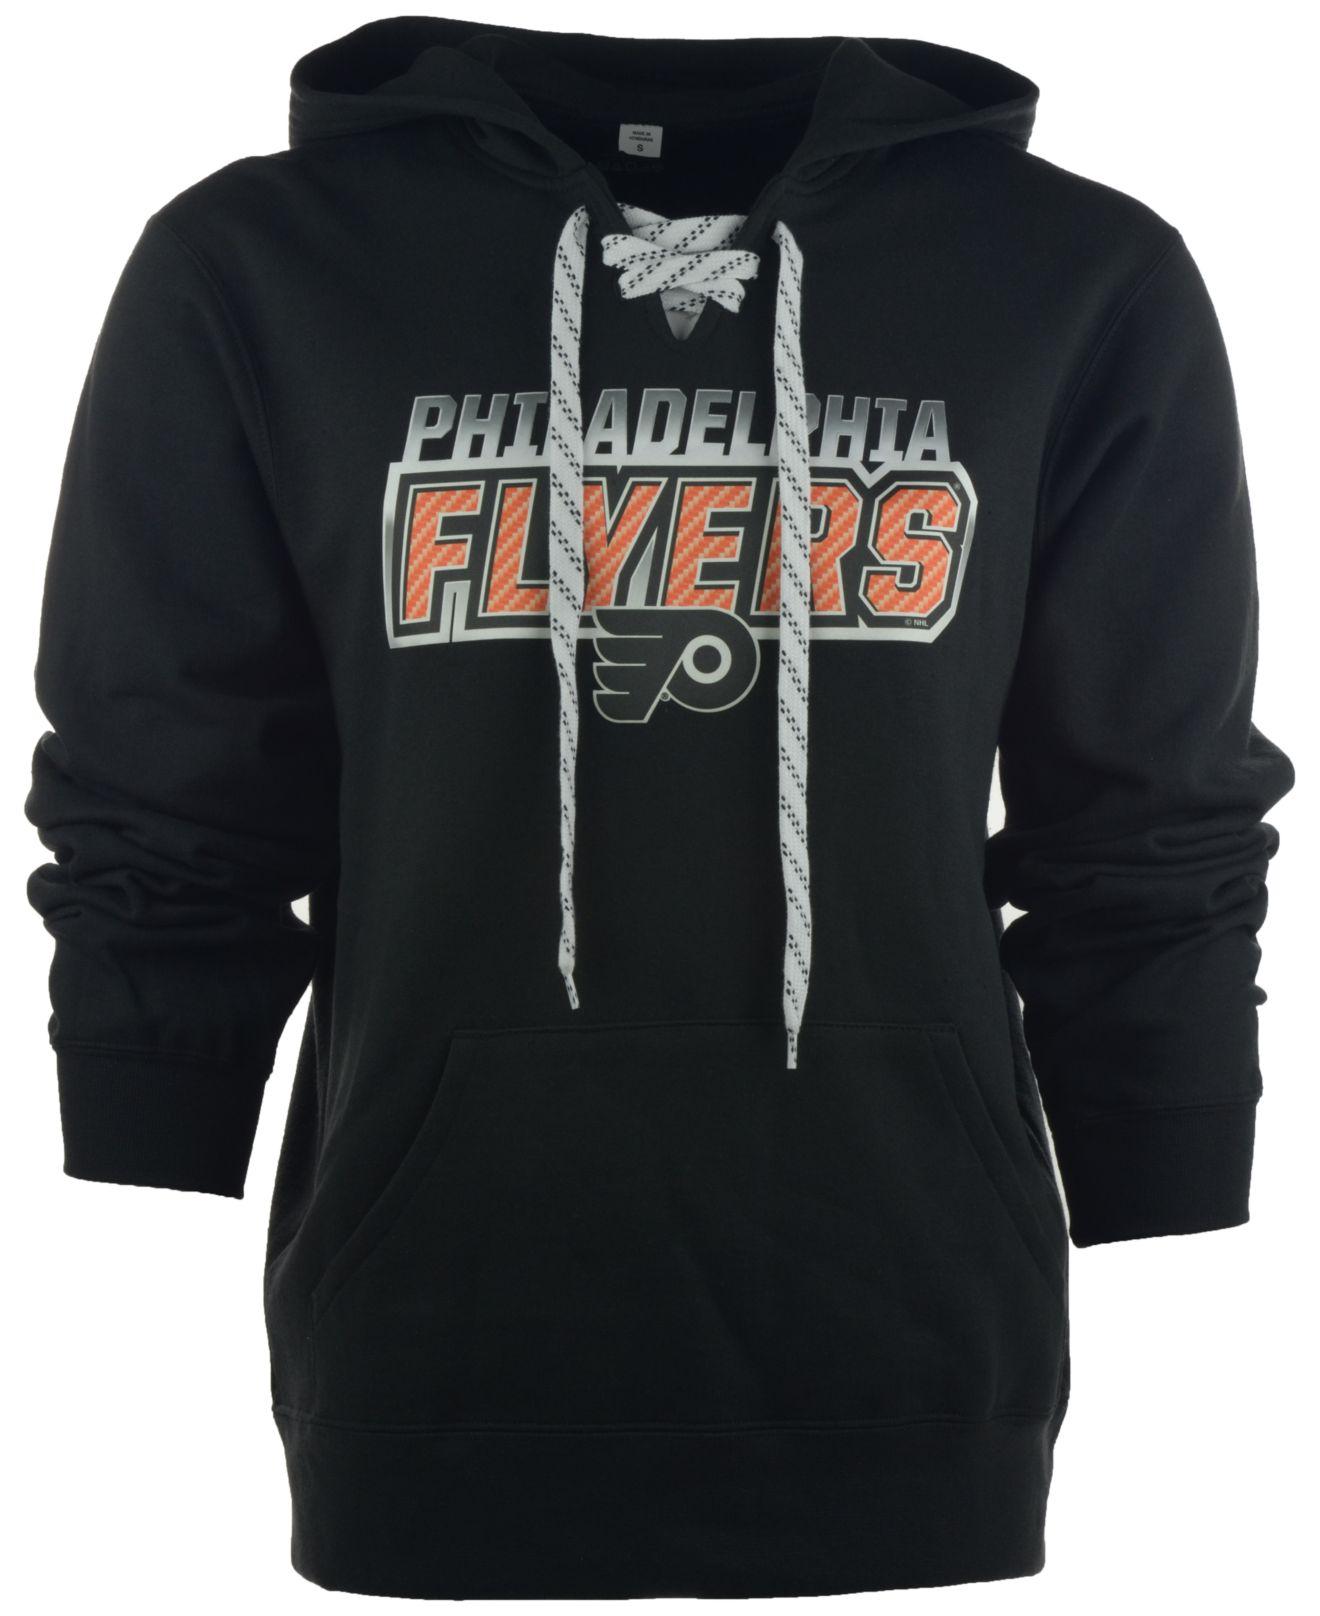 Flyers hoodies